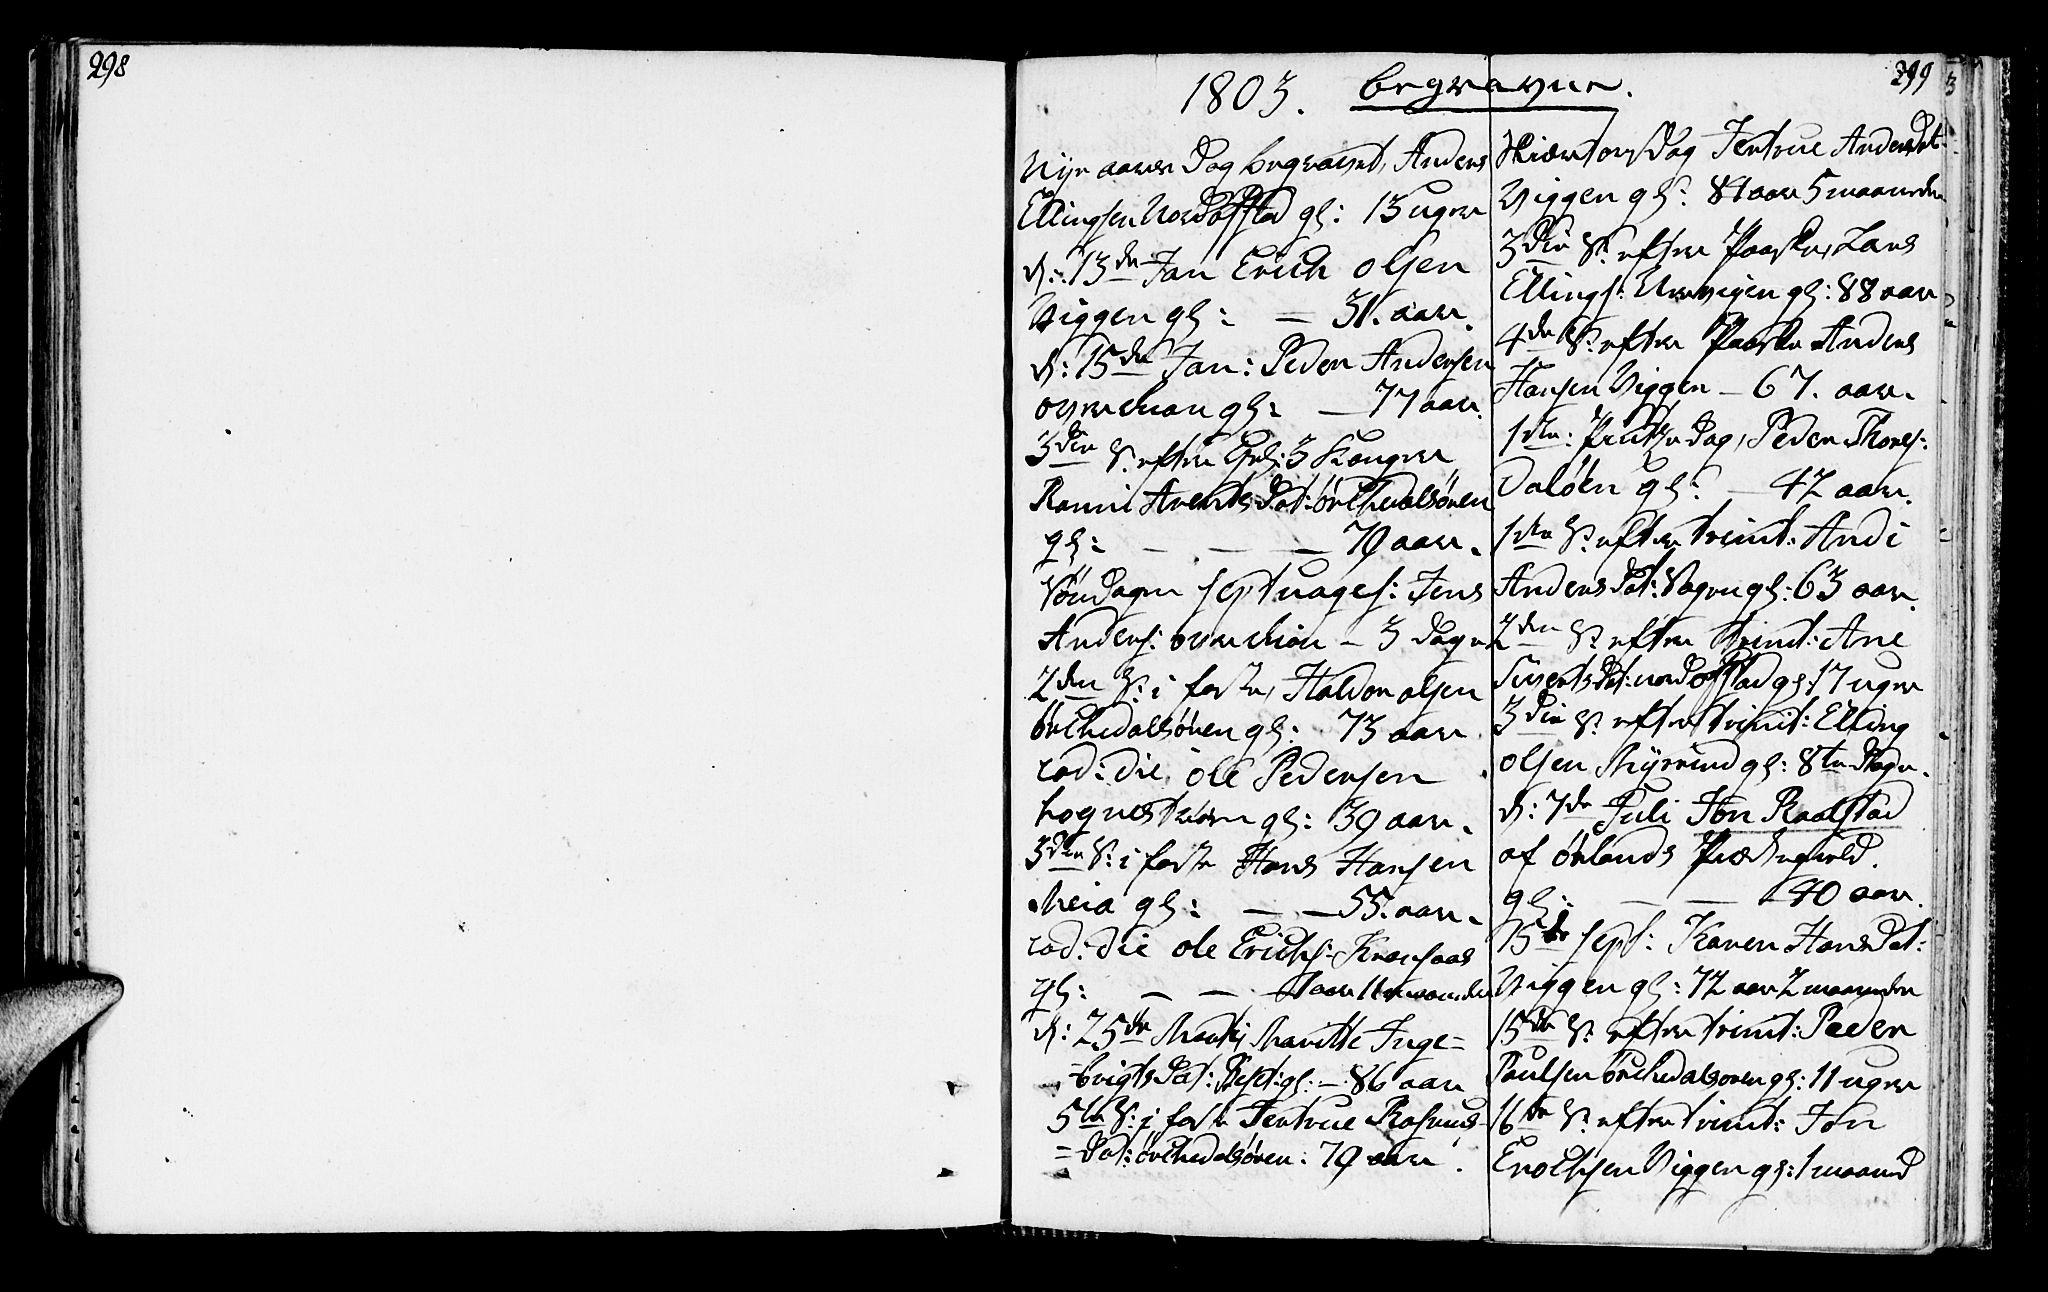 SAT, Ministerialprotokoller, klokkerbøker og fødselsregistre - Sør-Trøndelag, 665/L0769: Ministerialbok nr. 665A04, 1803-1816, s. 298-299